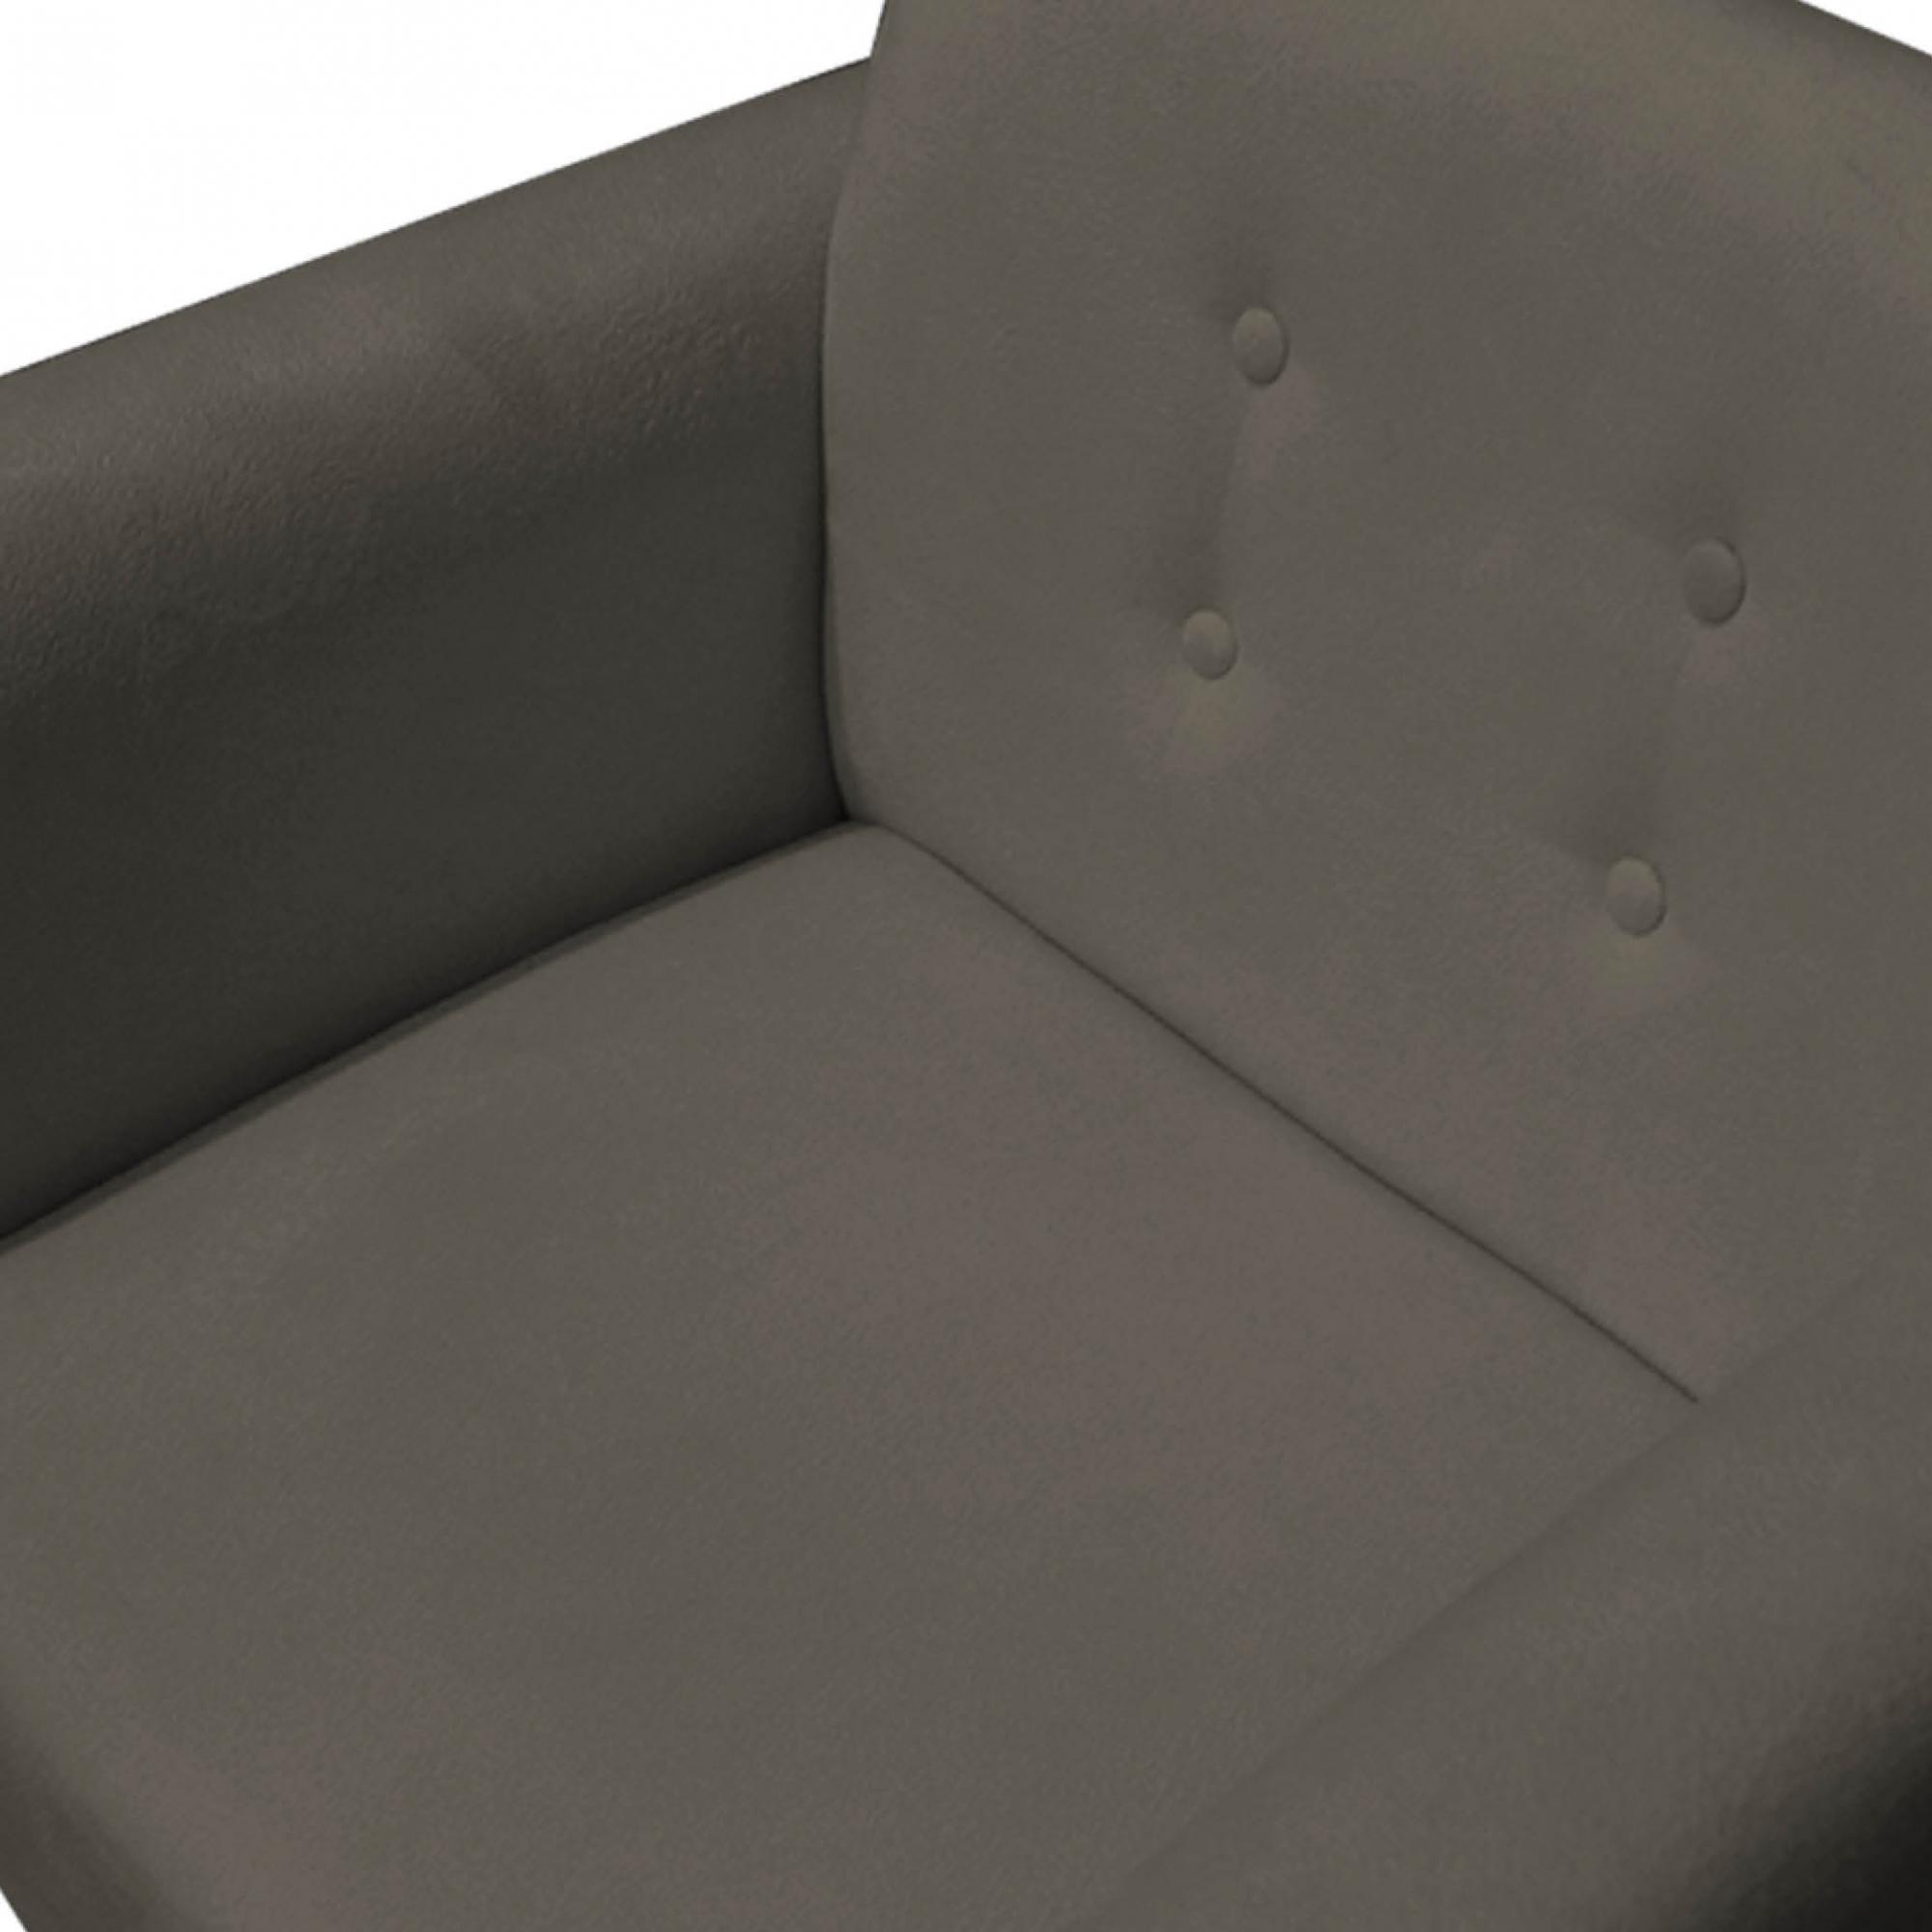 Kit 4 Poltrona Duda Decoraçâo Pé Palito Cadeira Recepção Escritório Clinica D'Classe Decor Suede Marrom Rato